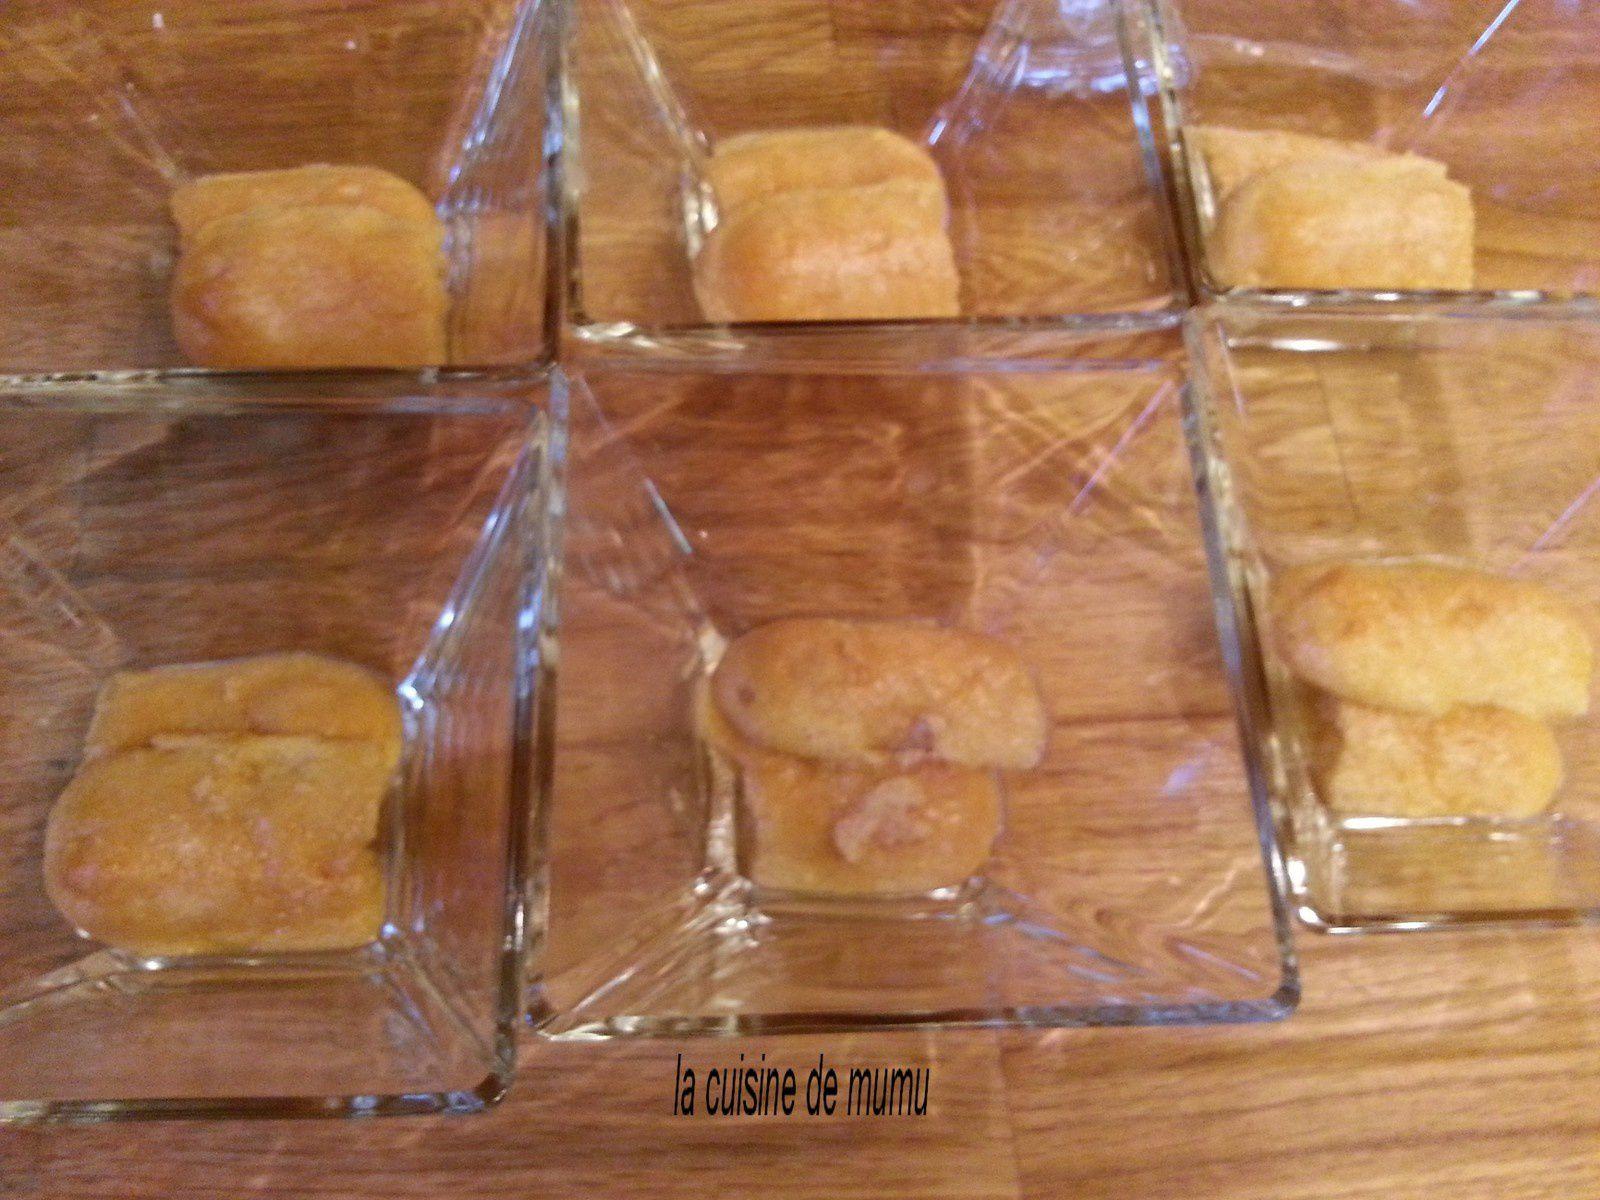 les biscuits trempés dans le sirop et mis dans les verres